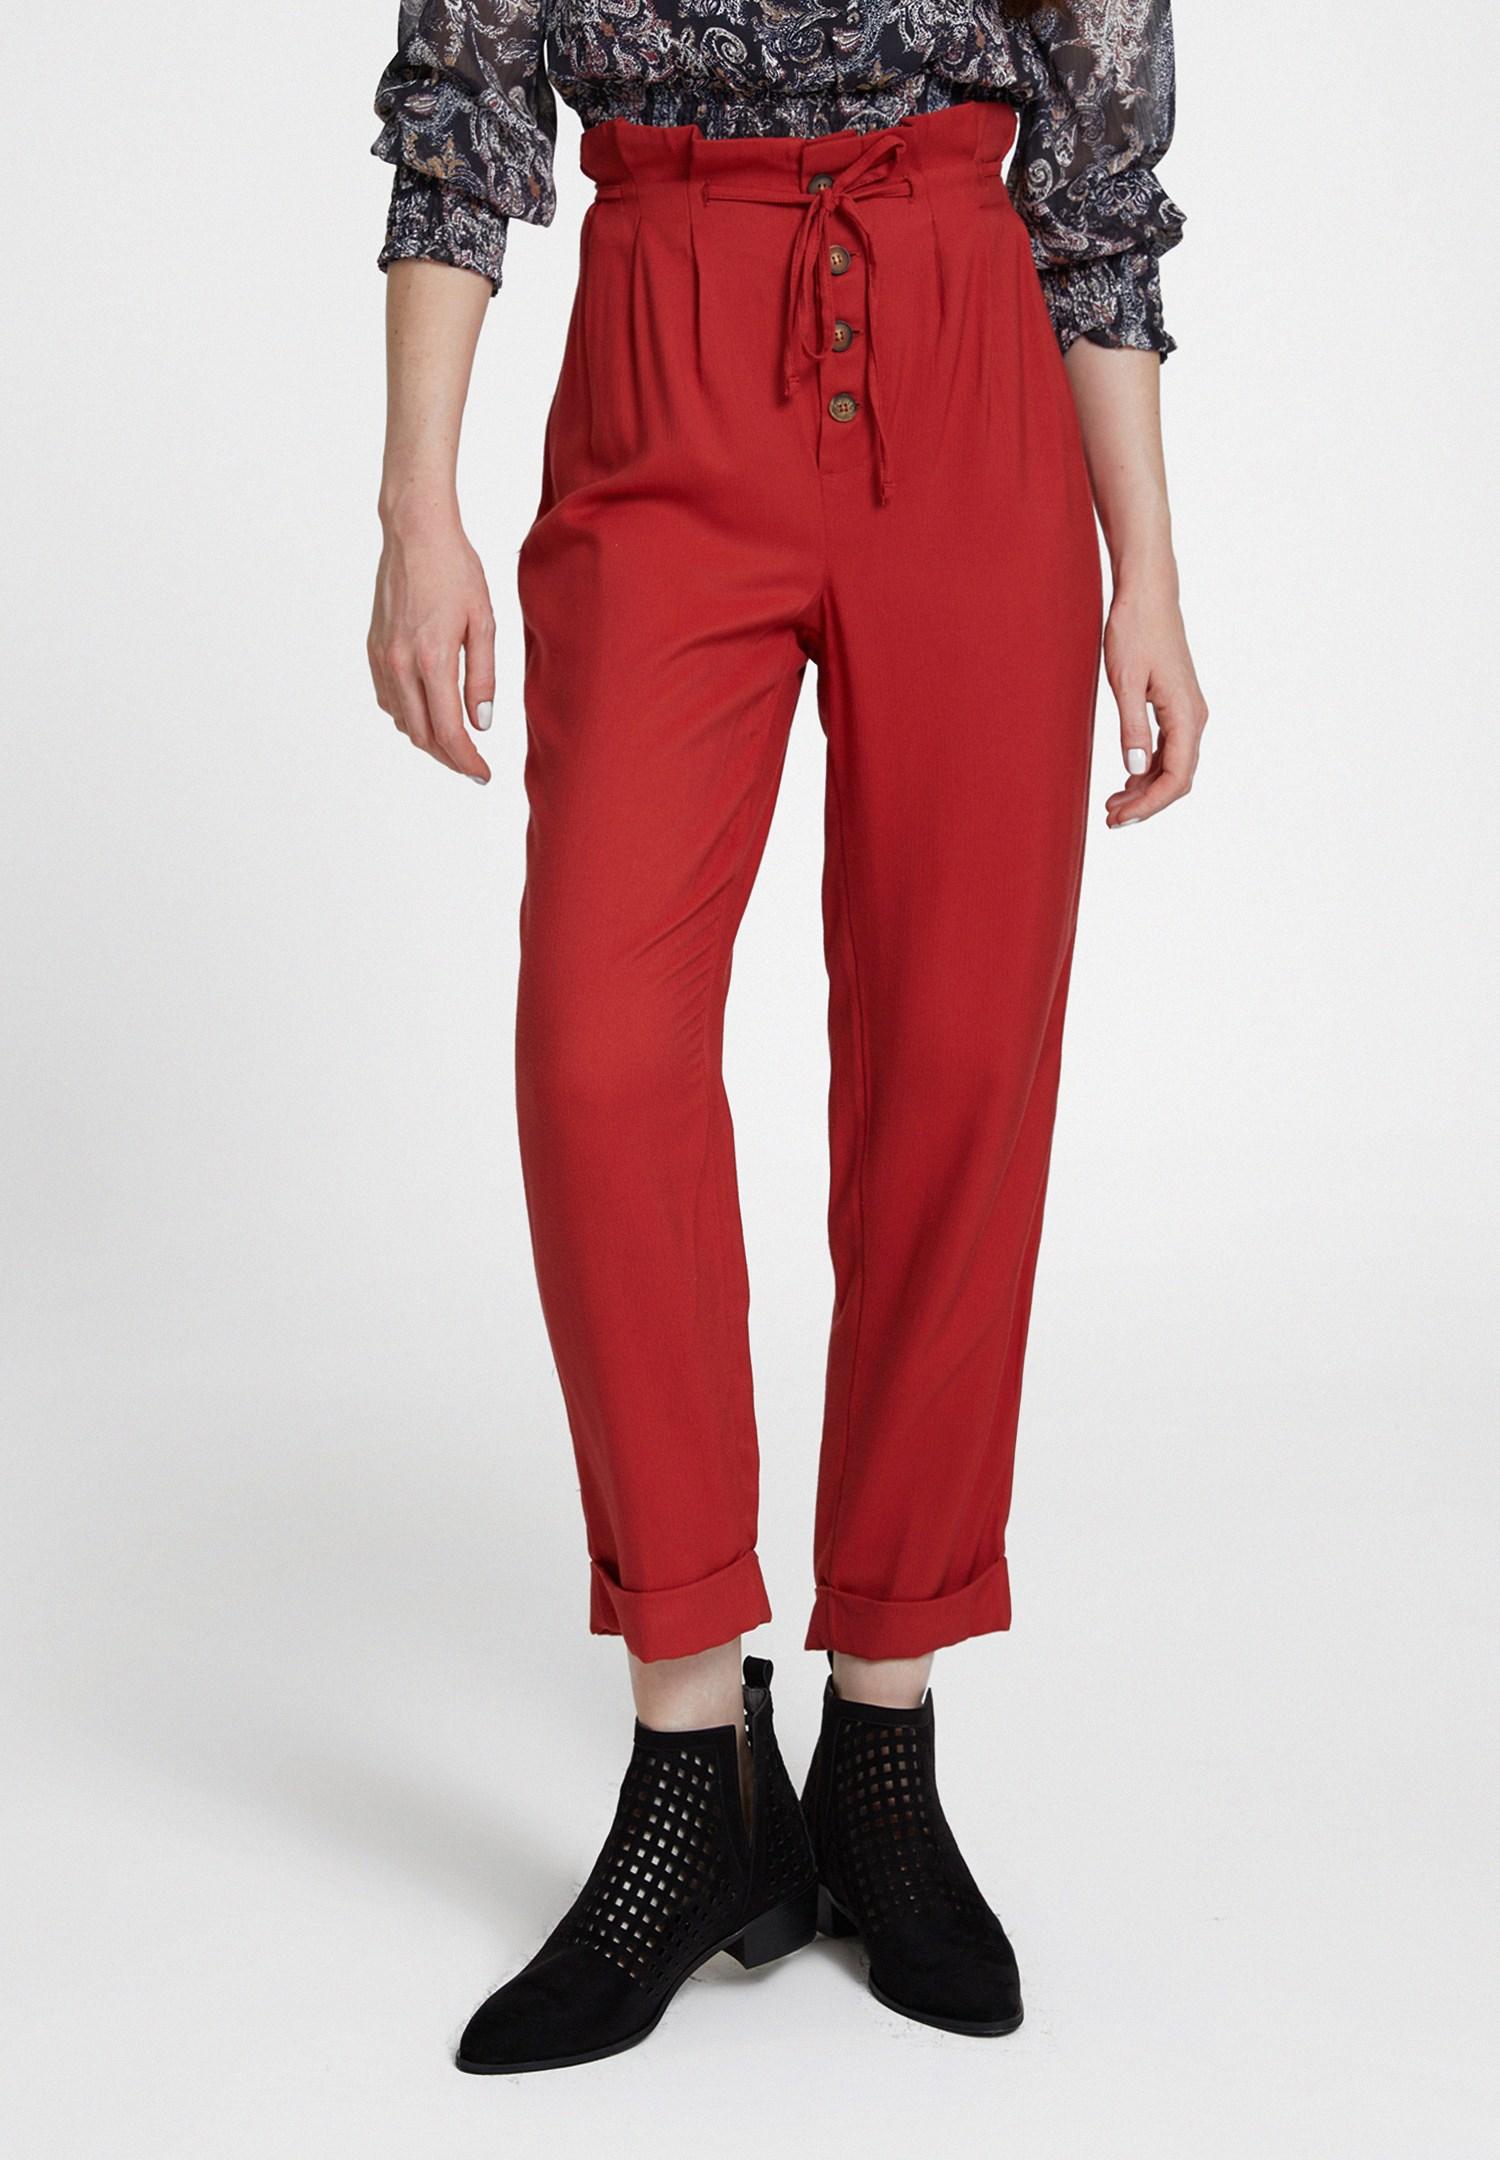 Bayan Kırmızı Beli Bağlamalı Düğme Detaylı Pantolon